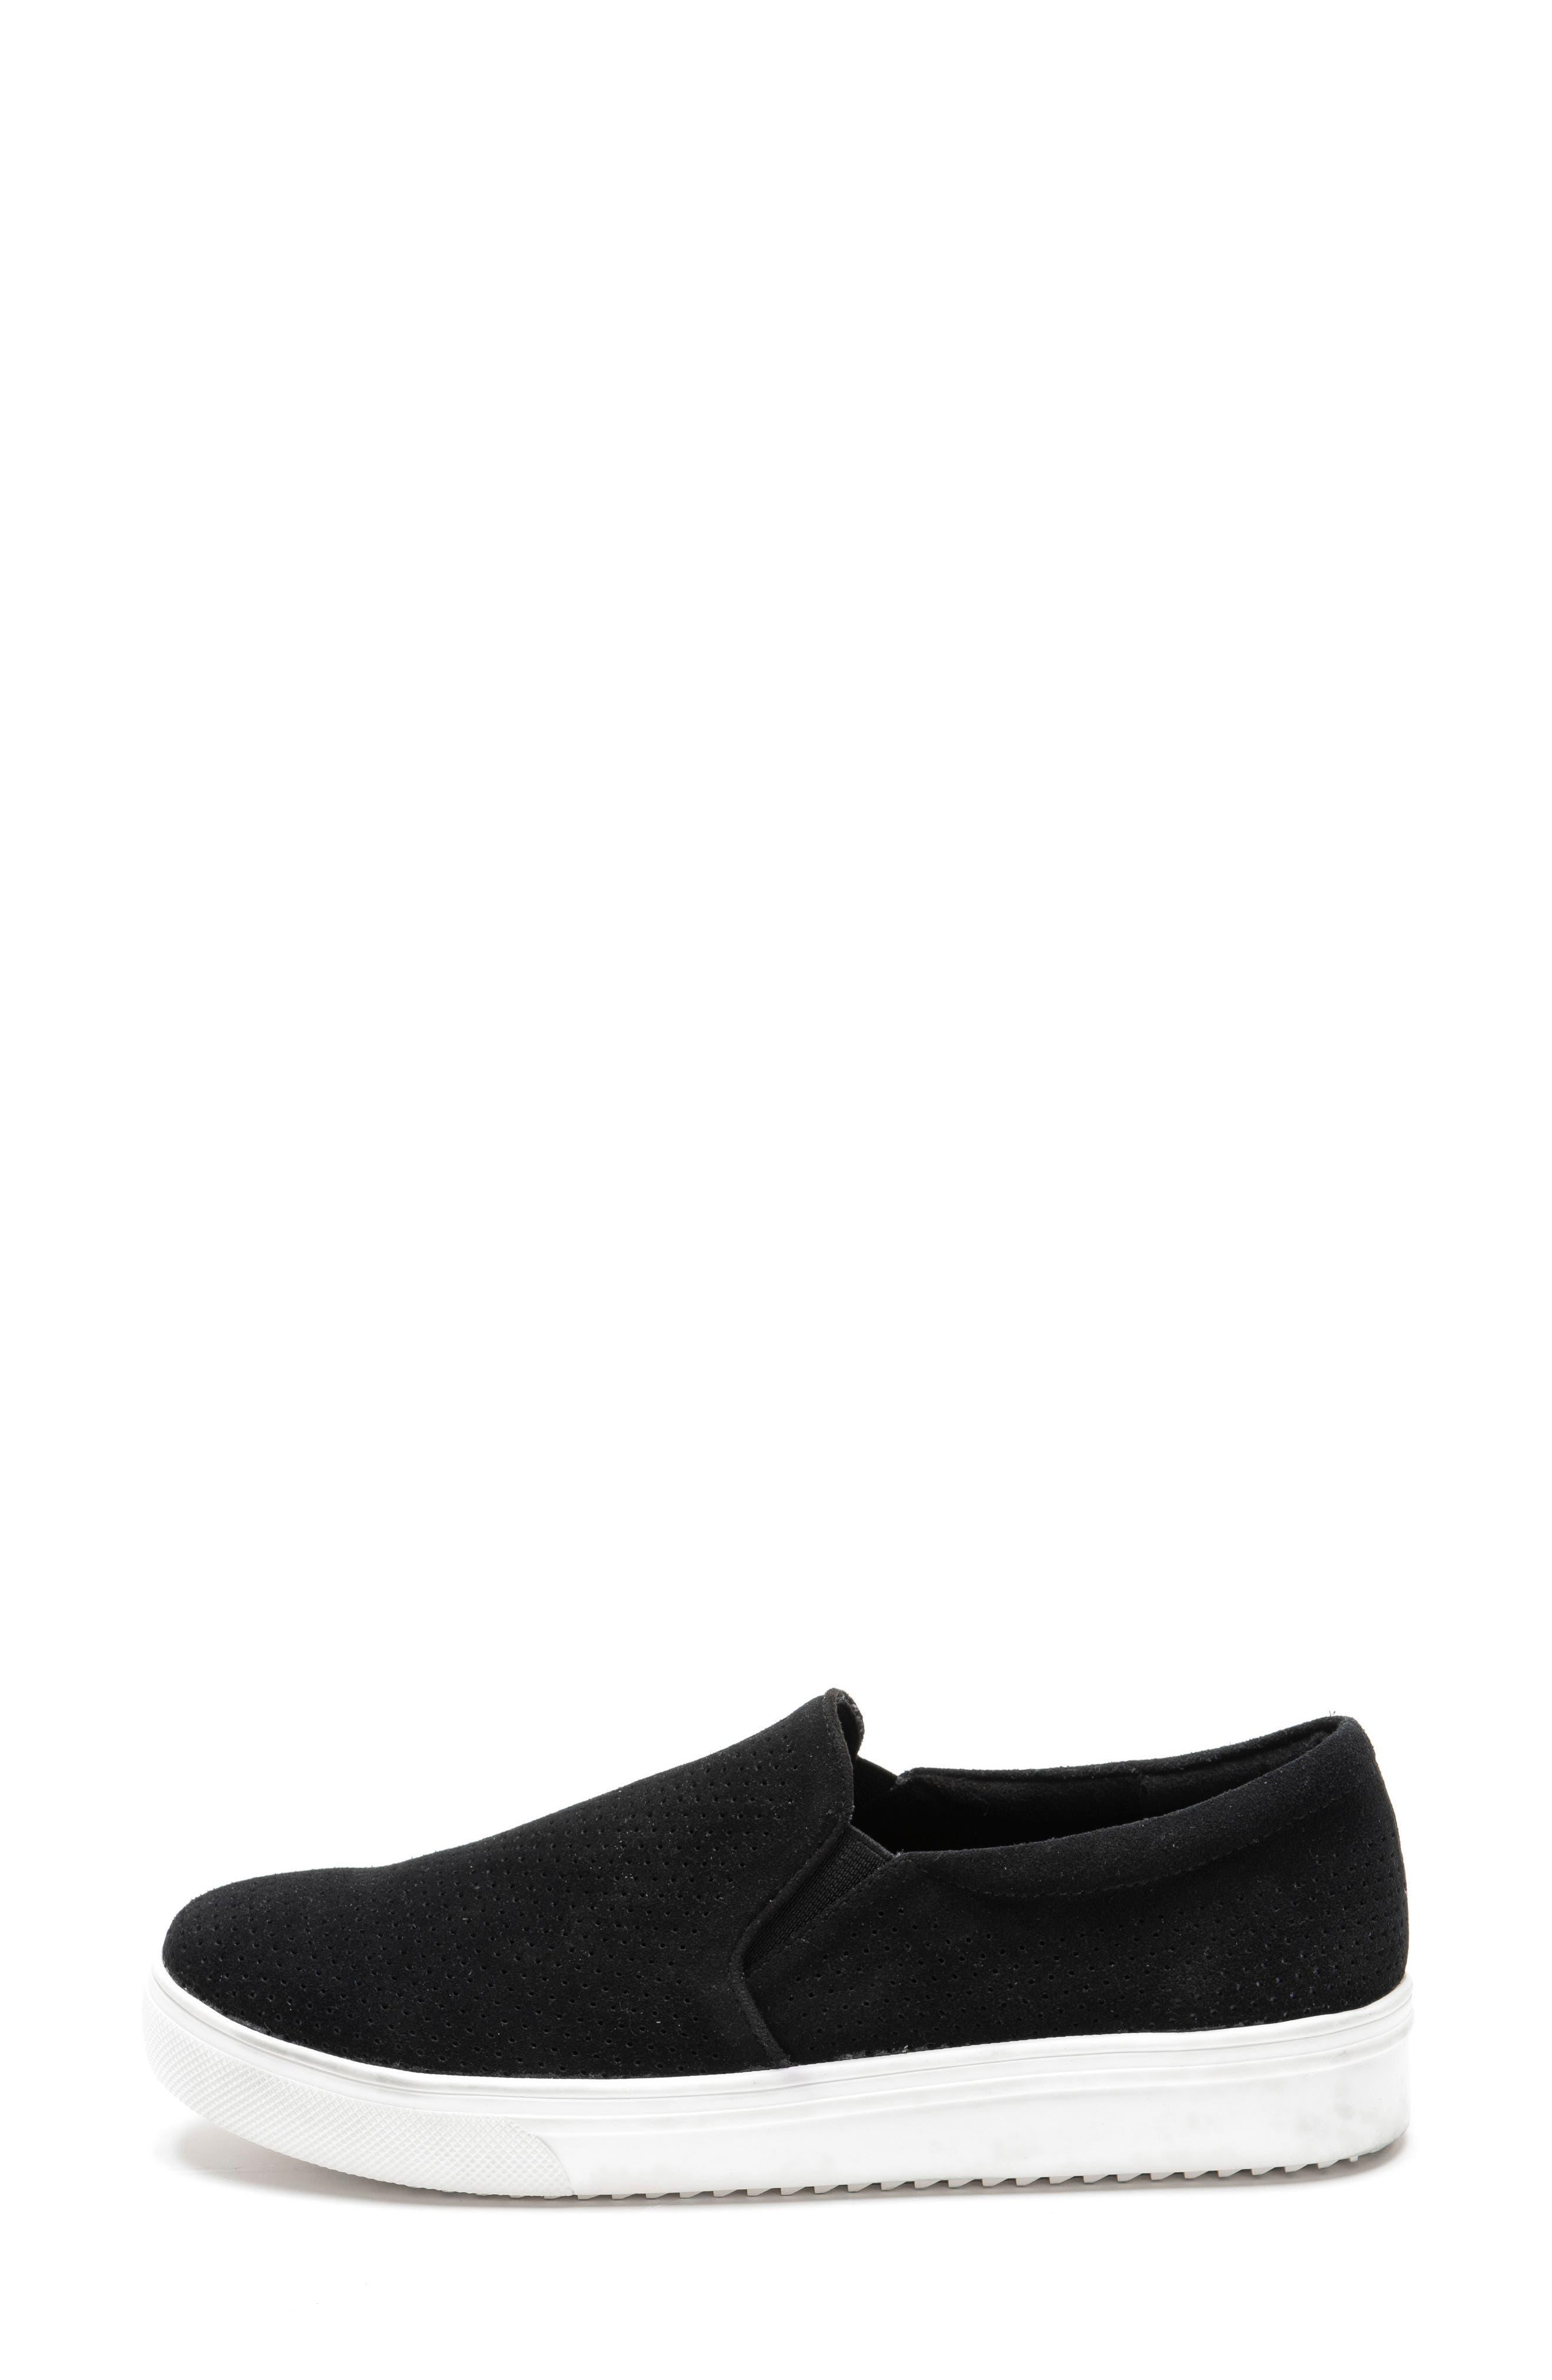 BLONDO, Gallert Perforated Waterproof Platform Sneaker, Alternate thumbnail 3, color, BLACK SUEDE